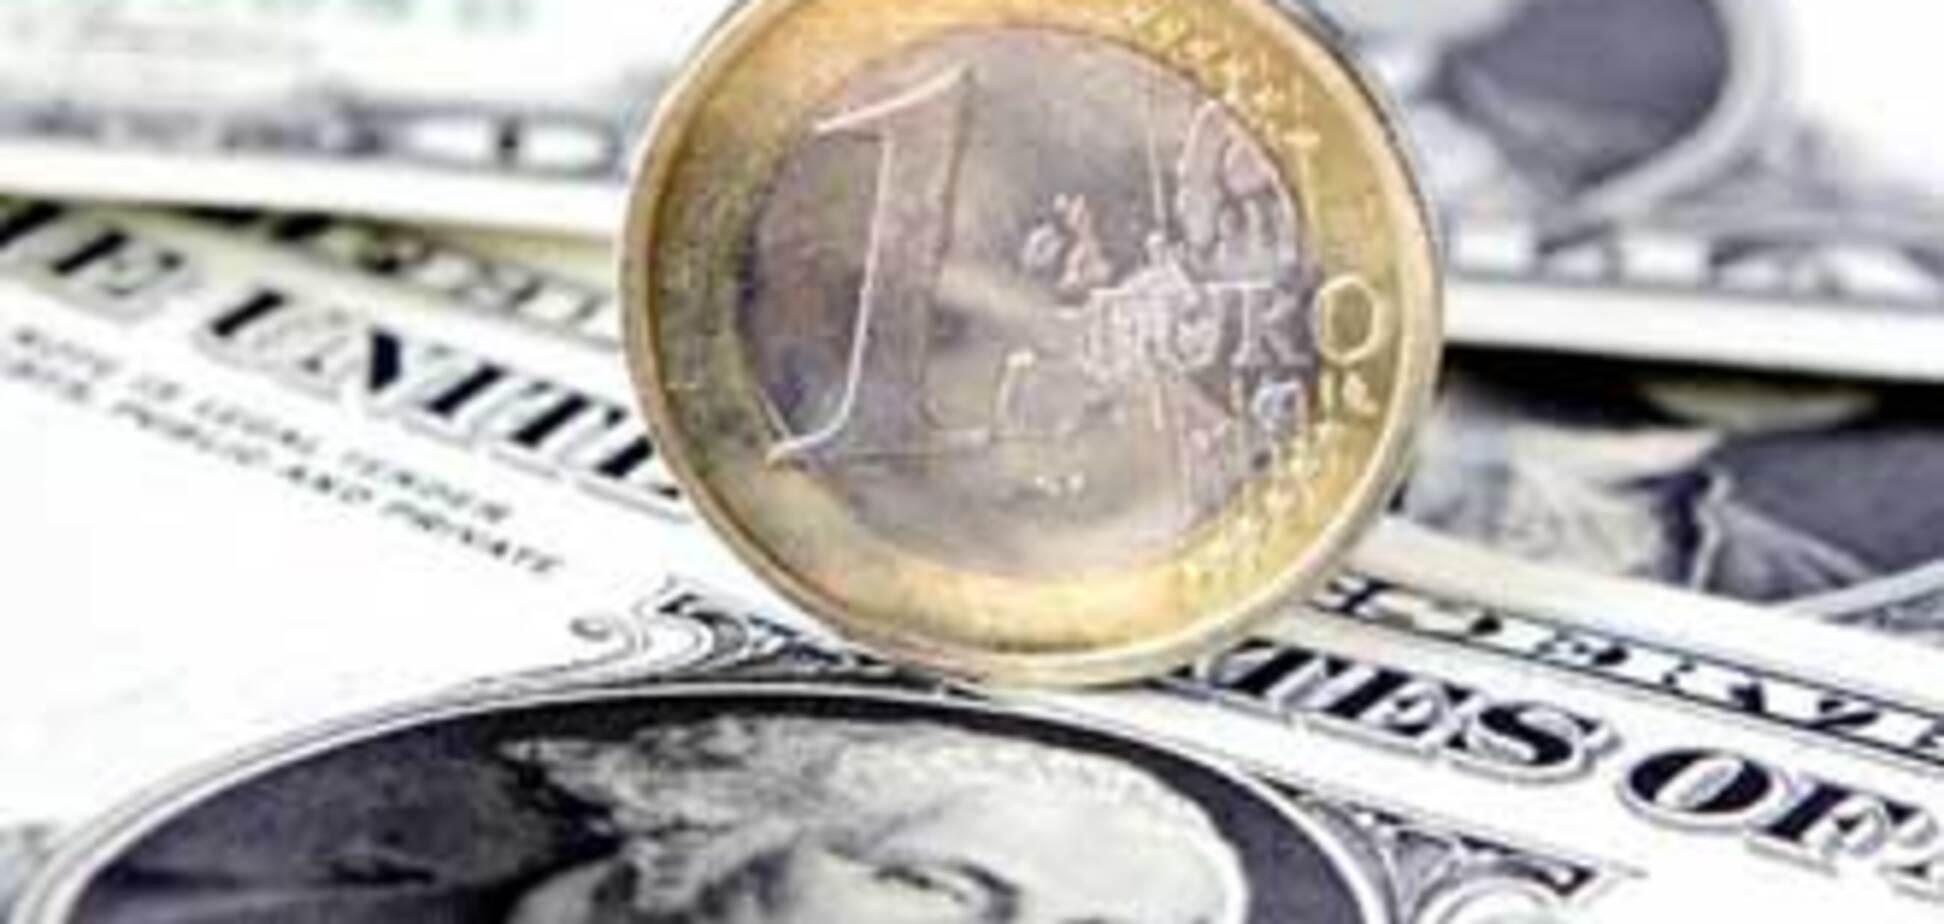 Долар на міжбанку 'поважчав' на 35 копійок